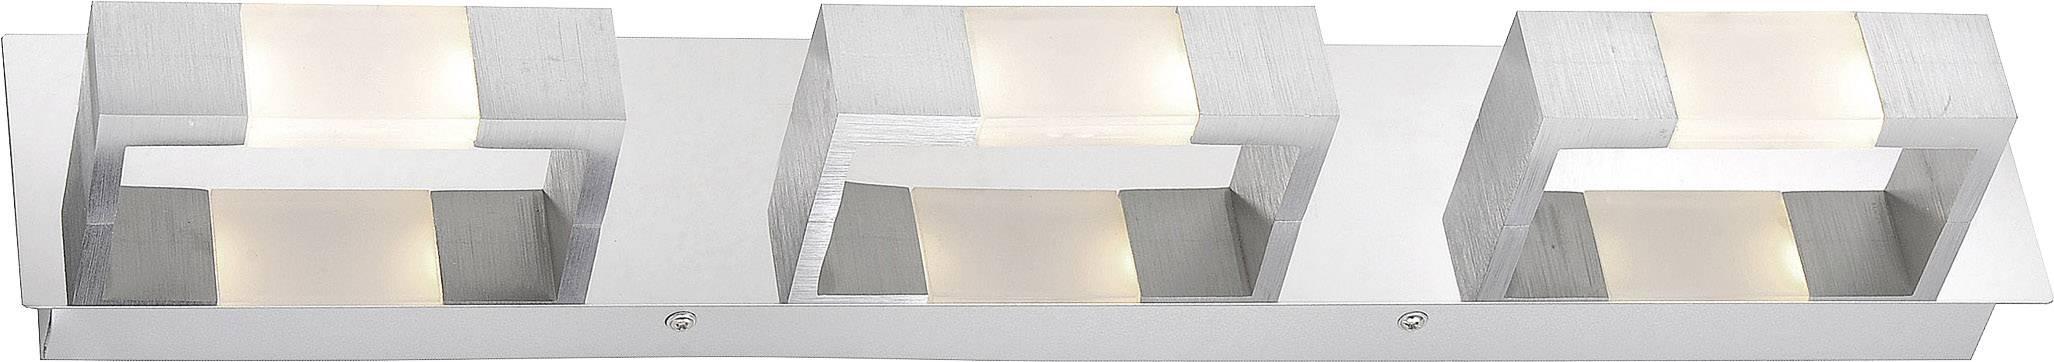 LED nástenné svetlo Paul Neuhaus Kemos 2196-96, 14.4 W, teplá biela, hliník